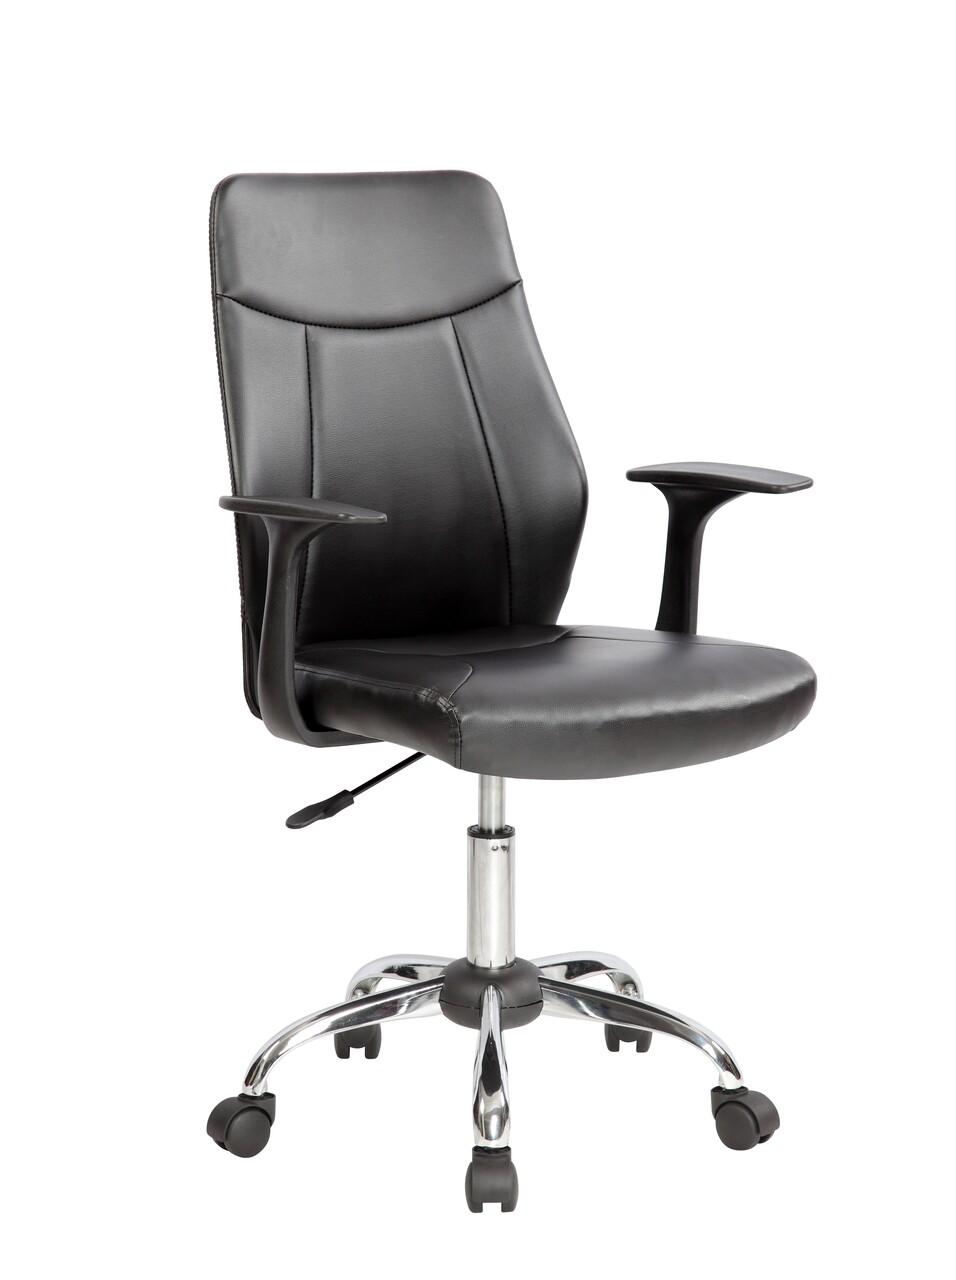 Scaun de birou ergonomic, Bedora  Zun, piele ecologica, Negru